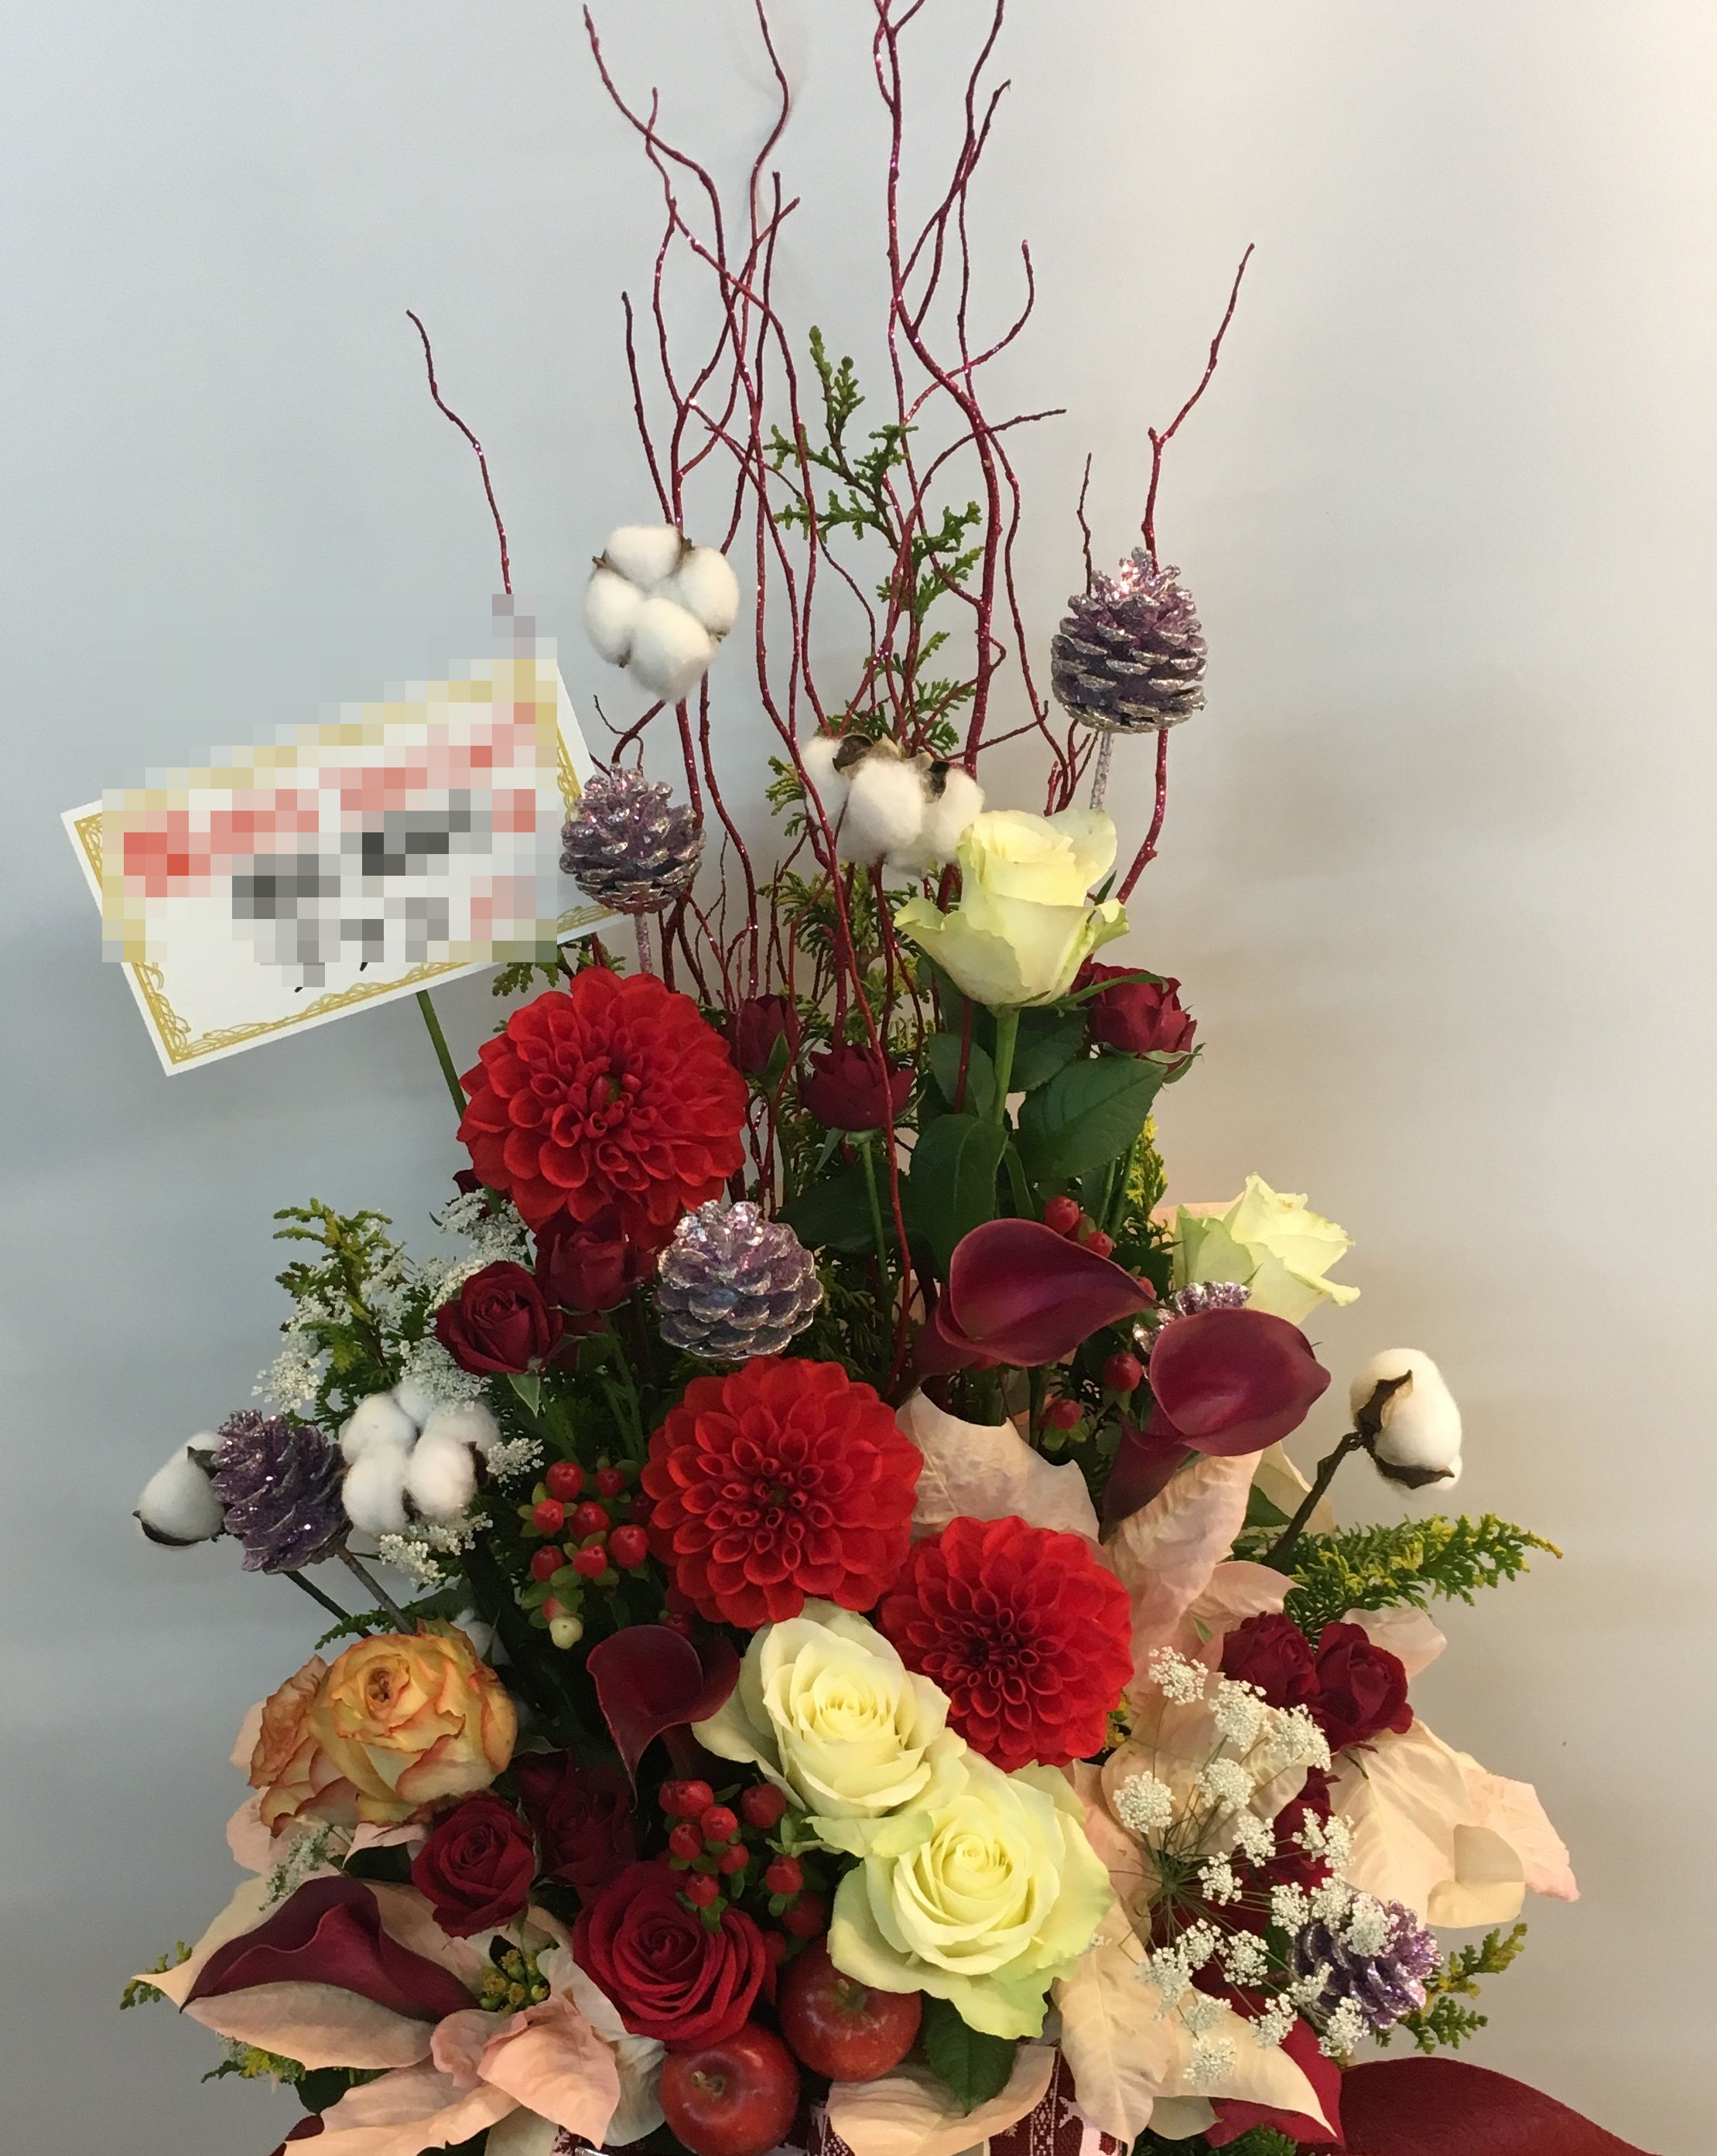 【ナオ花屋の納品事例229】横浜市関内へフラワーアレンジメントを当日・即日配達しました!